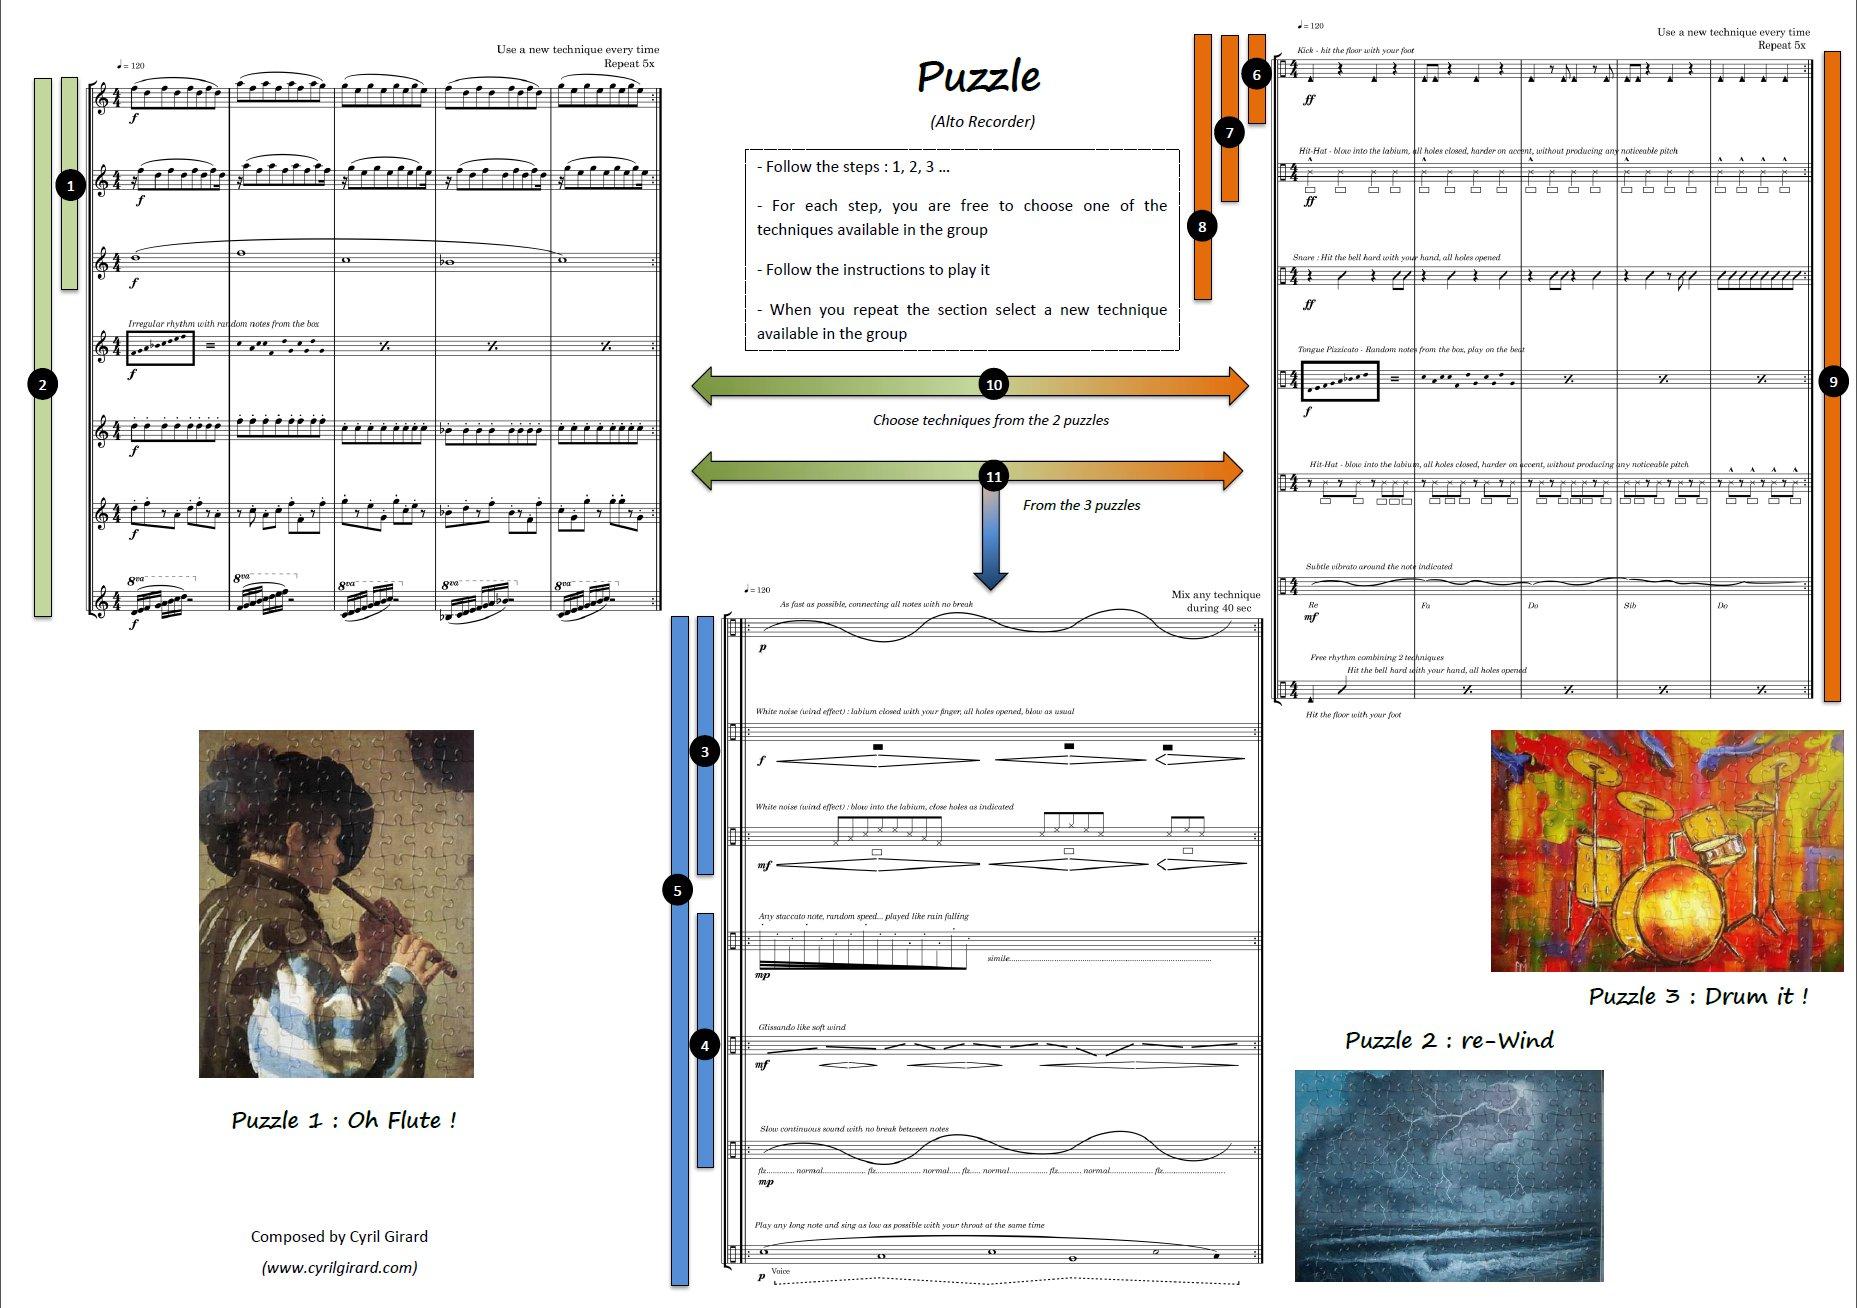 music_puzzle_score